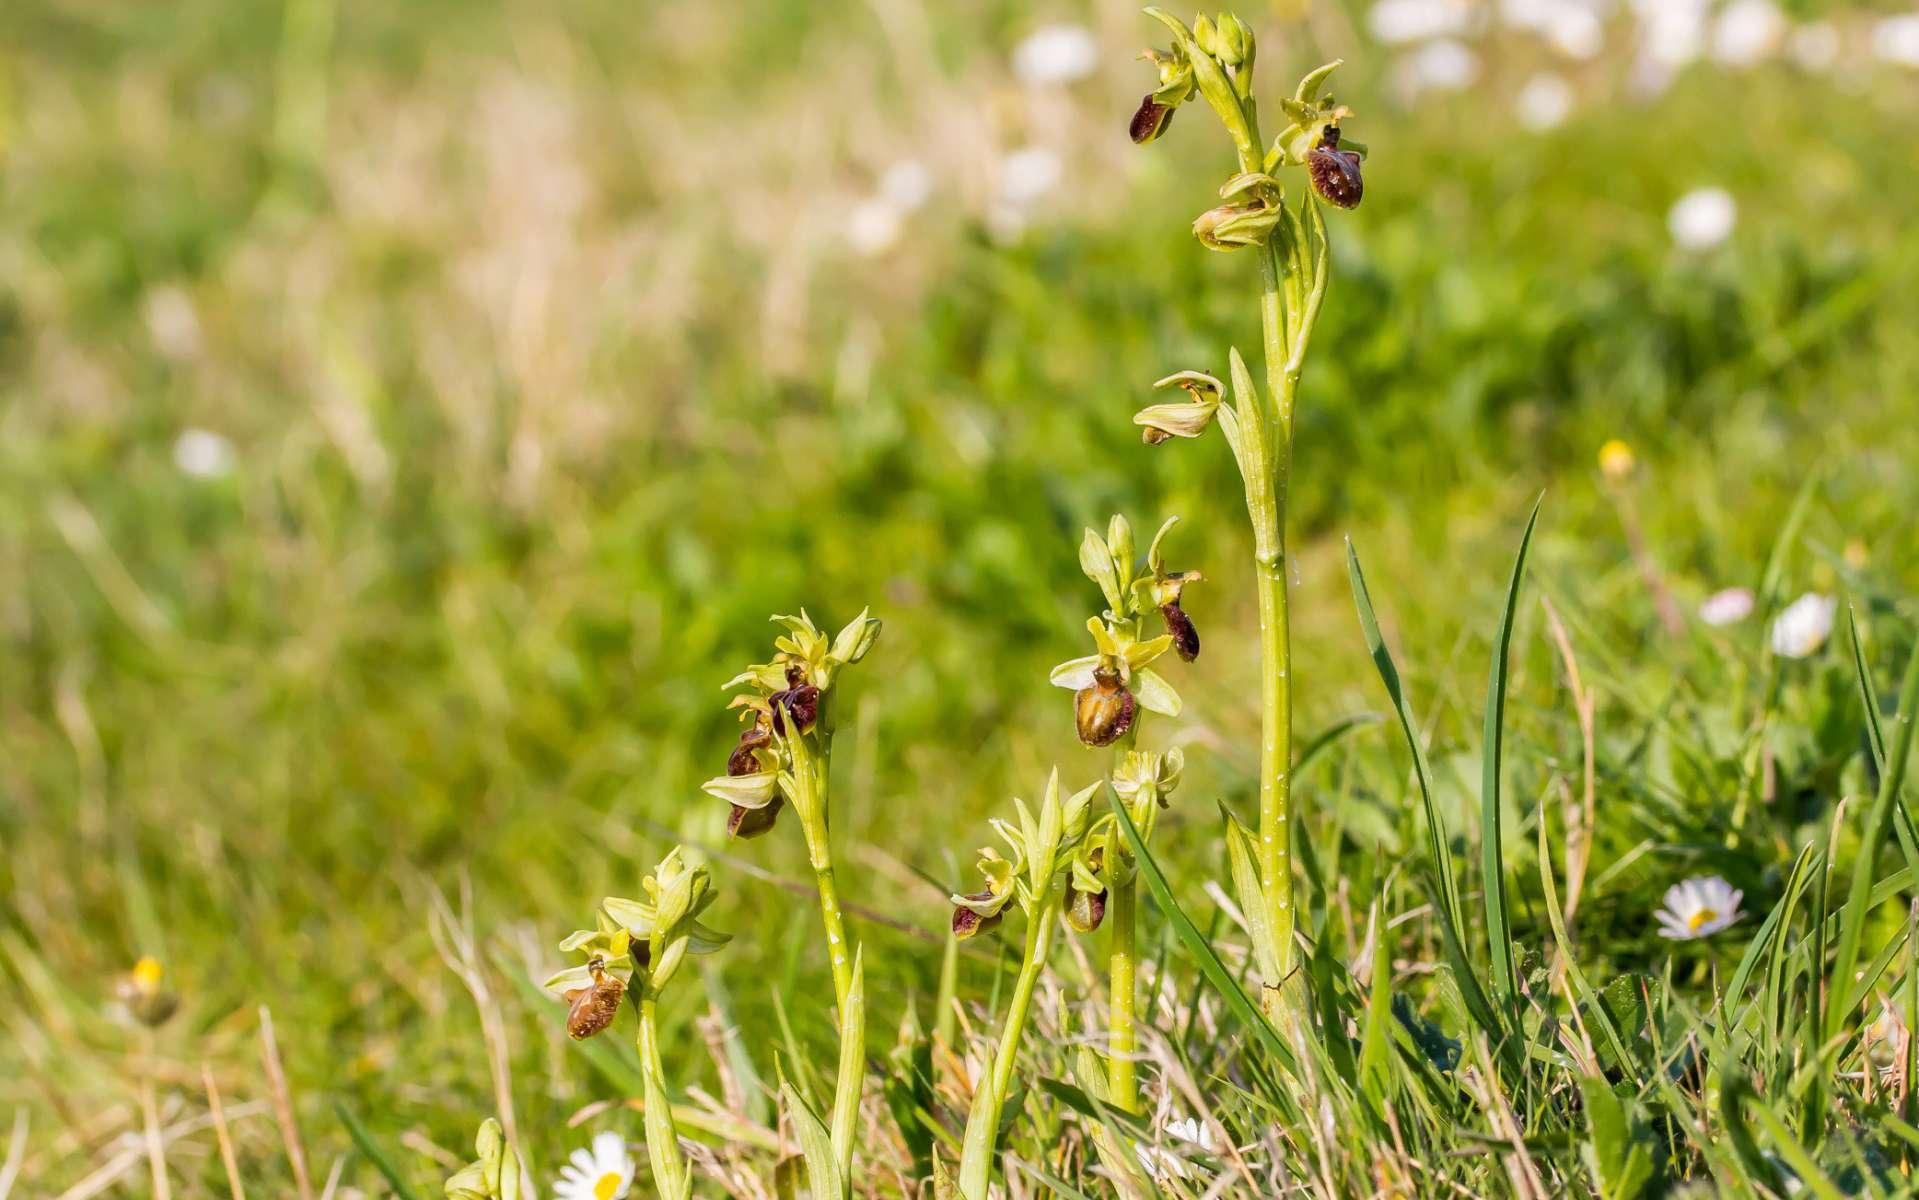 Ophrys araignée - vue d'ensemble (Crédits : flickr)